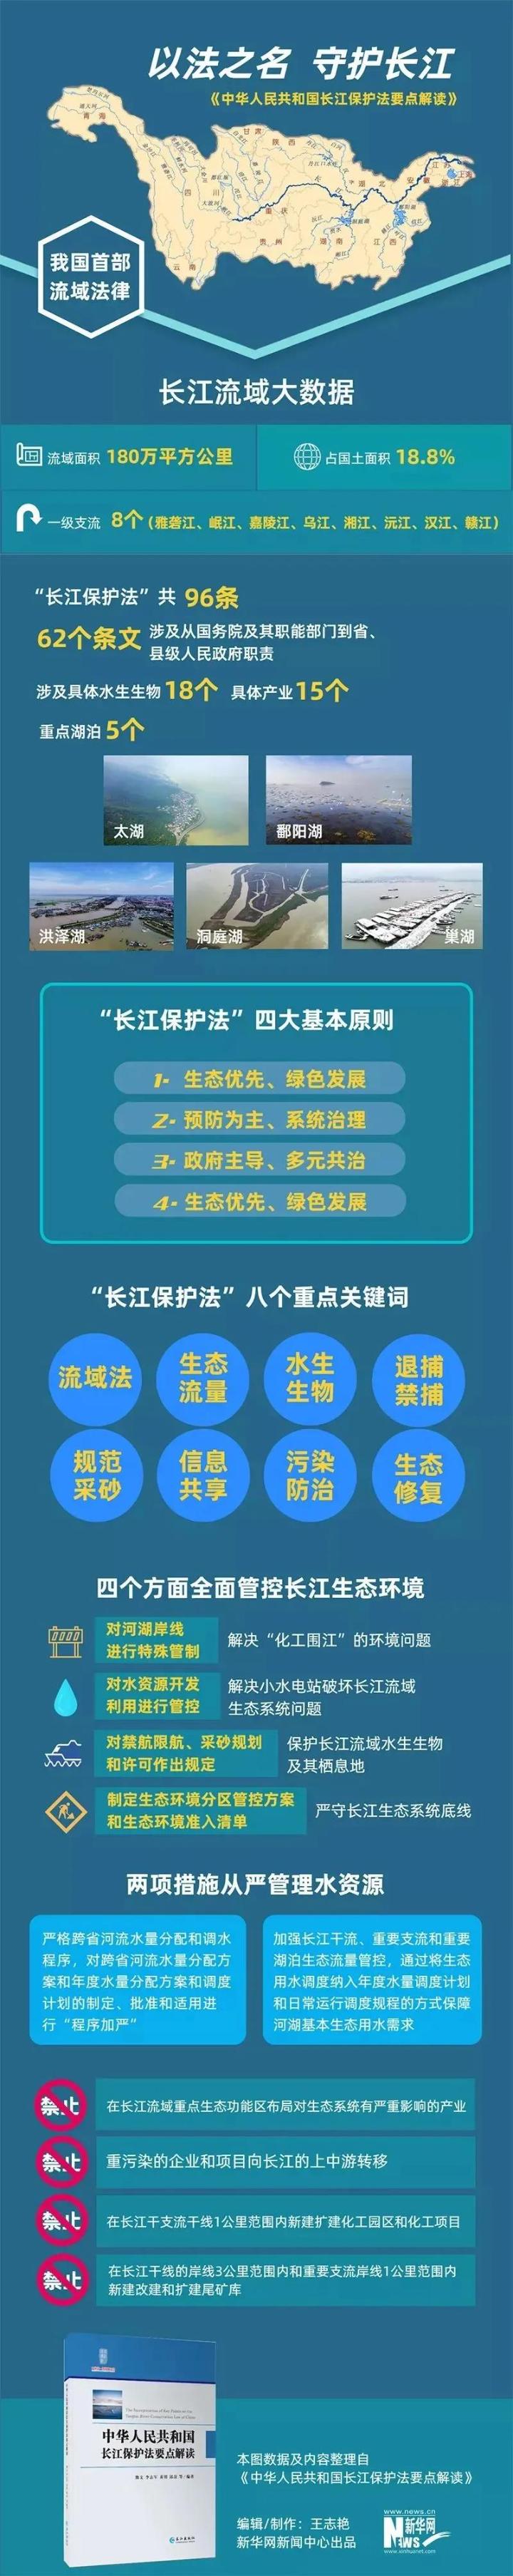 【棠城普法】学习贯彻长江保护法 以法治力量守护母亲河(第三期)